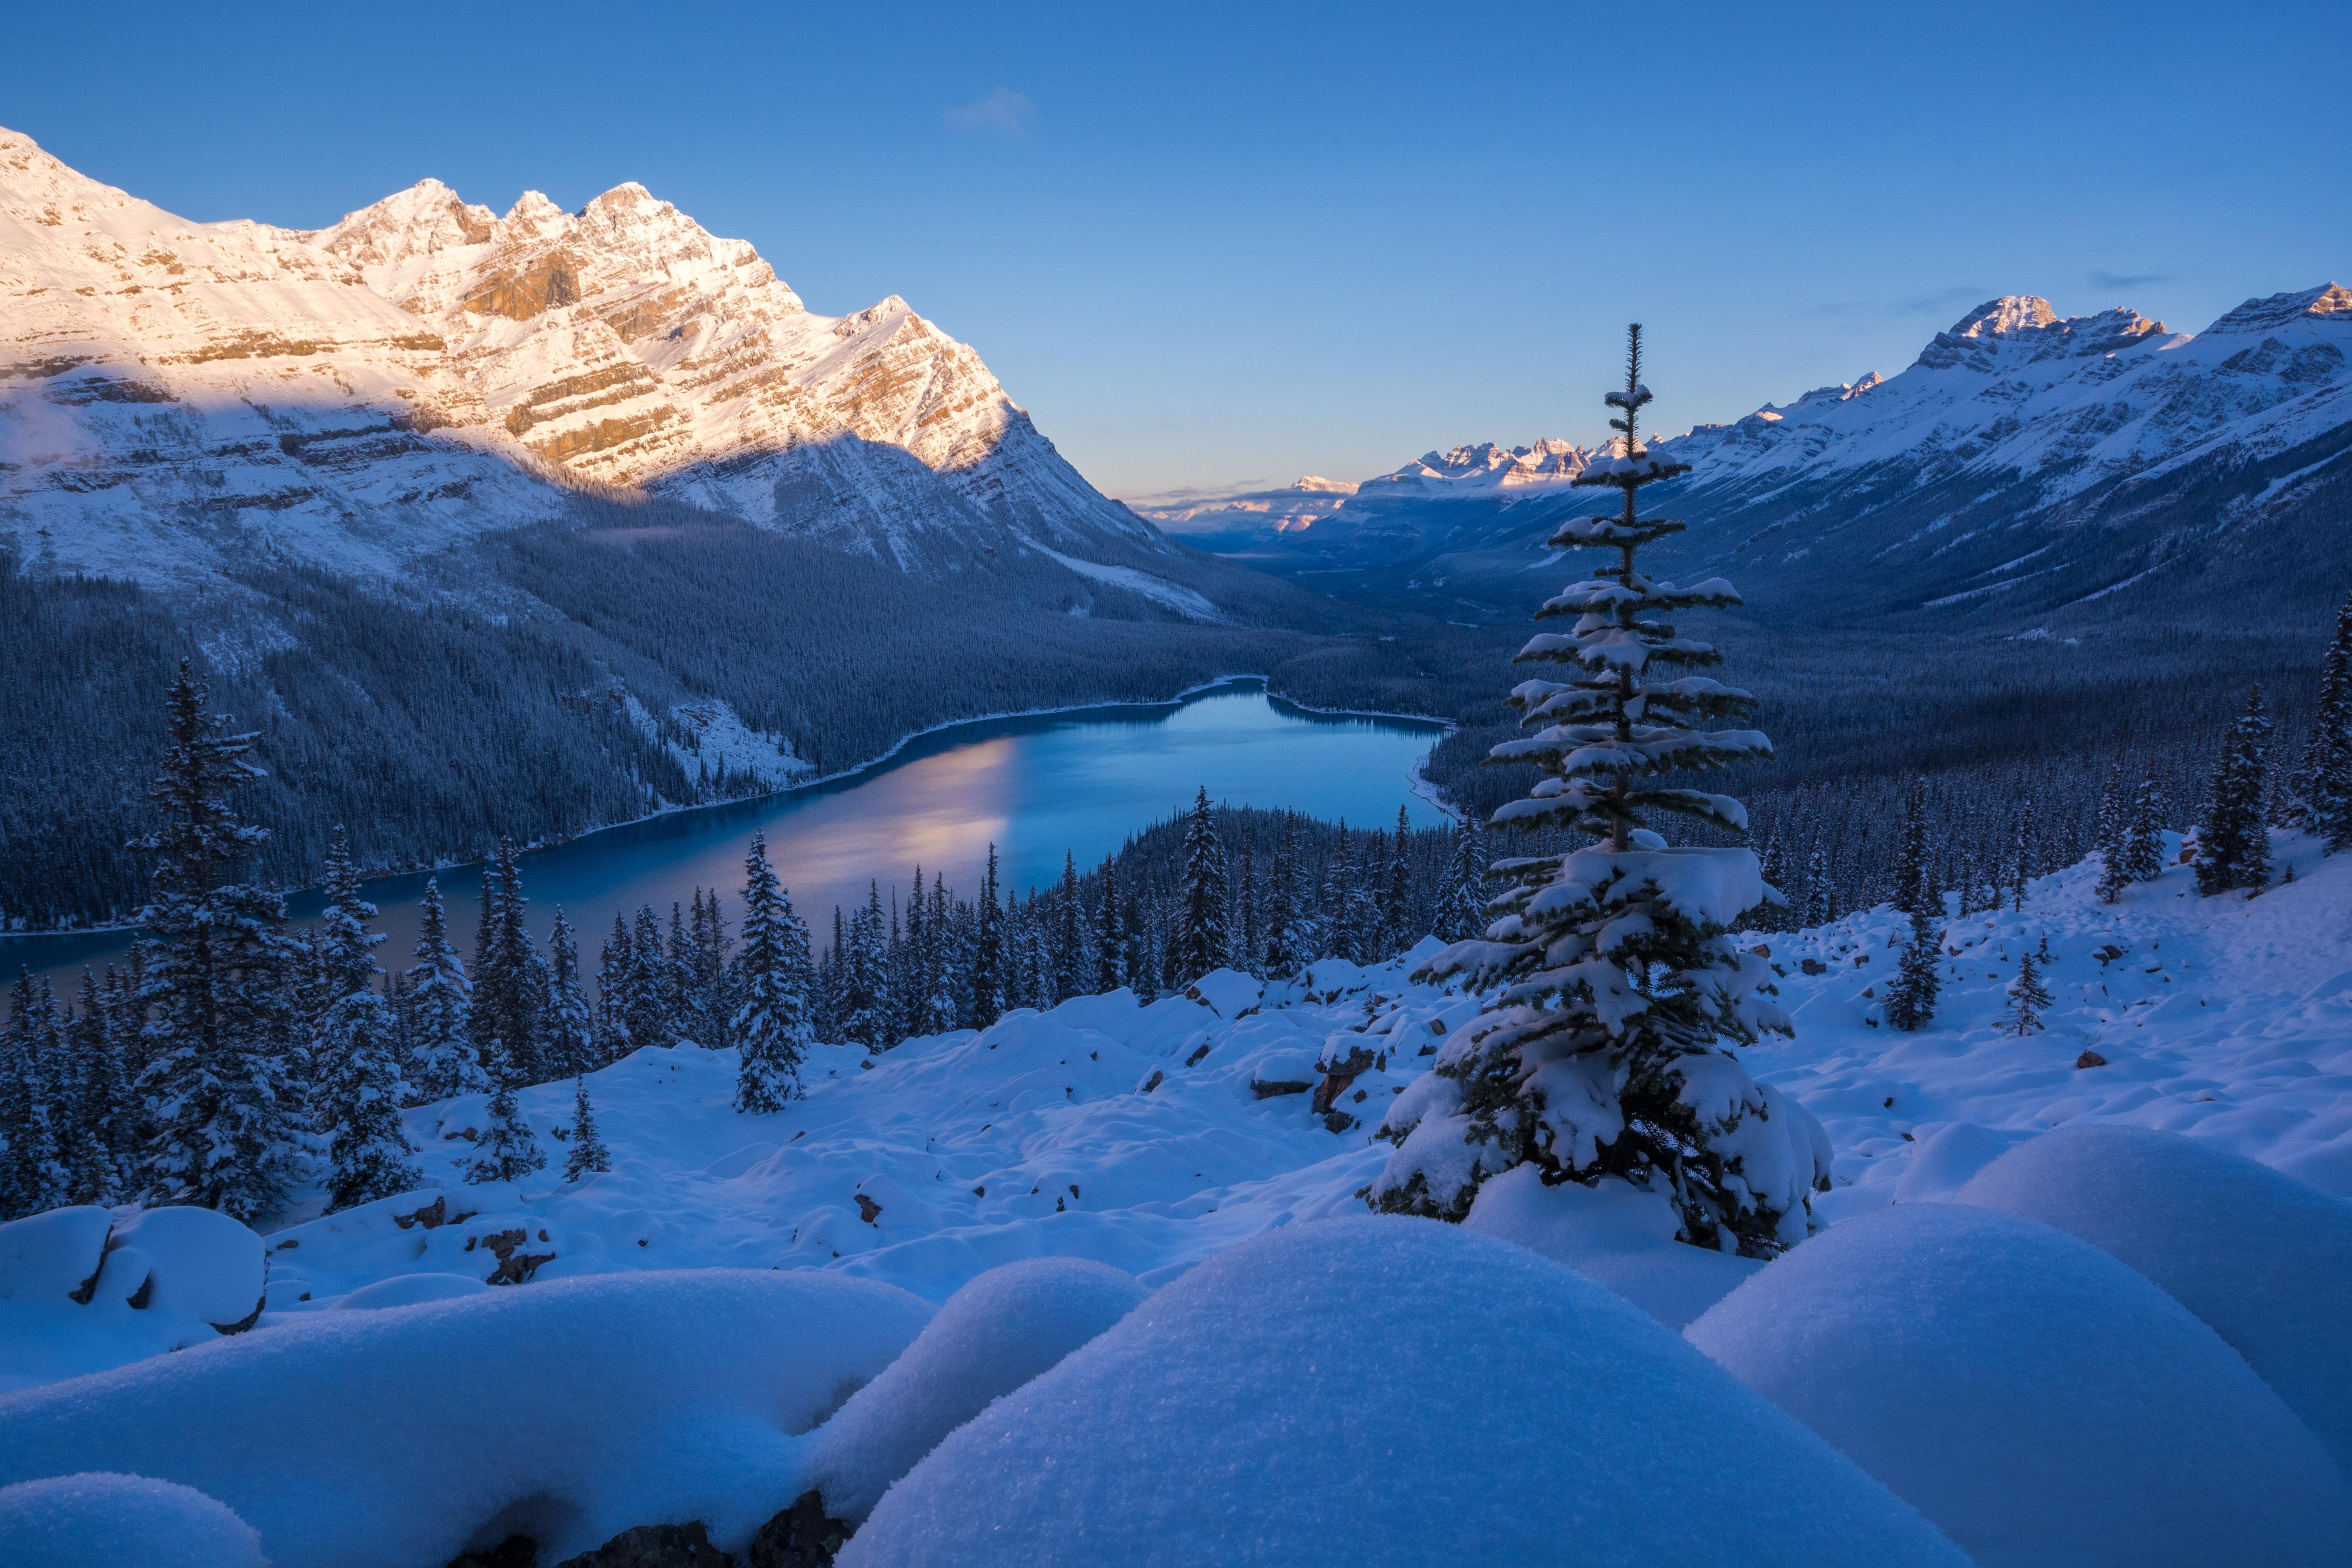 обои на рабочий стол зима в горах с озером № 201897 бесплатно